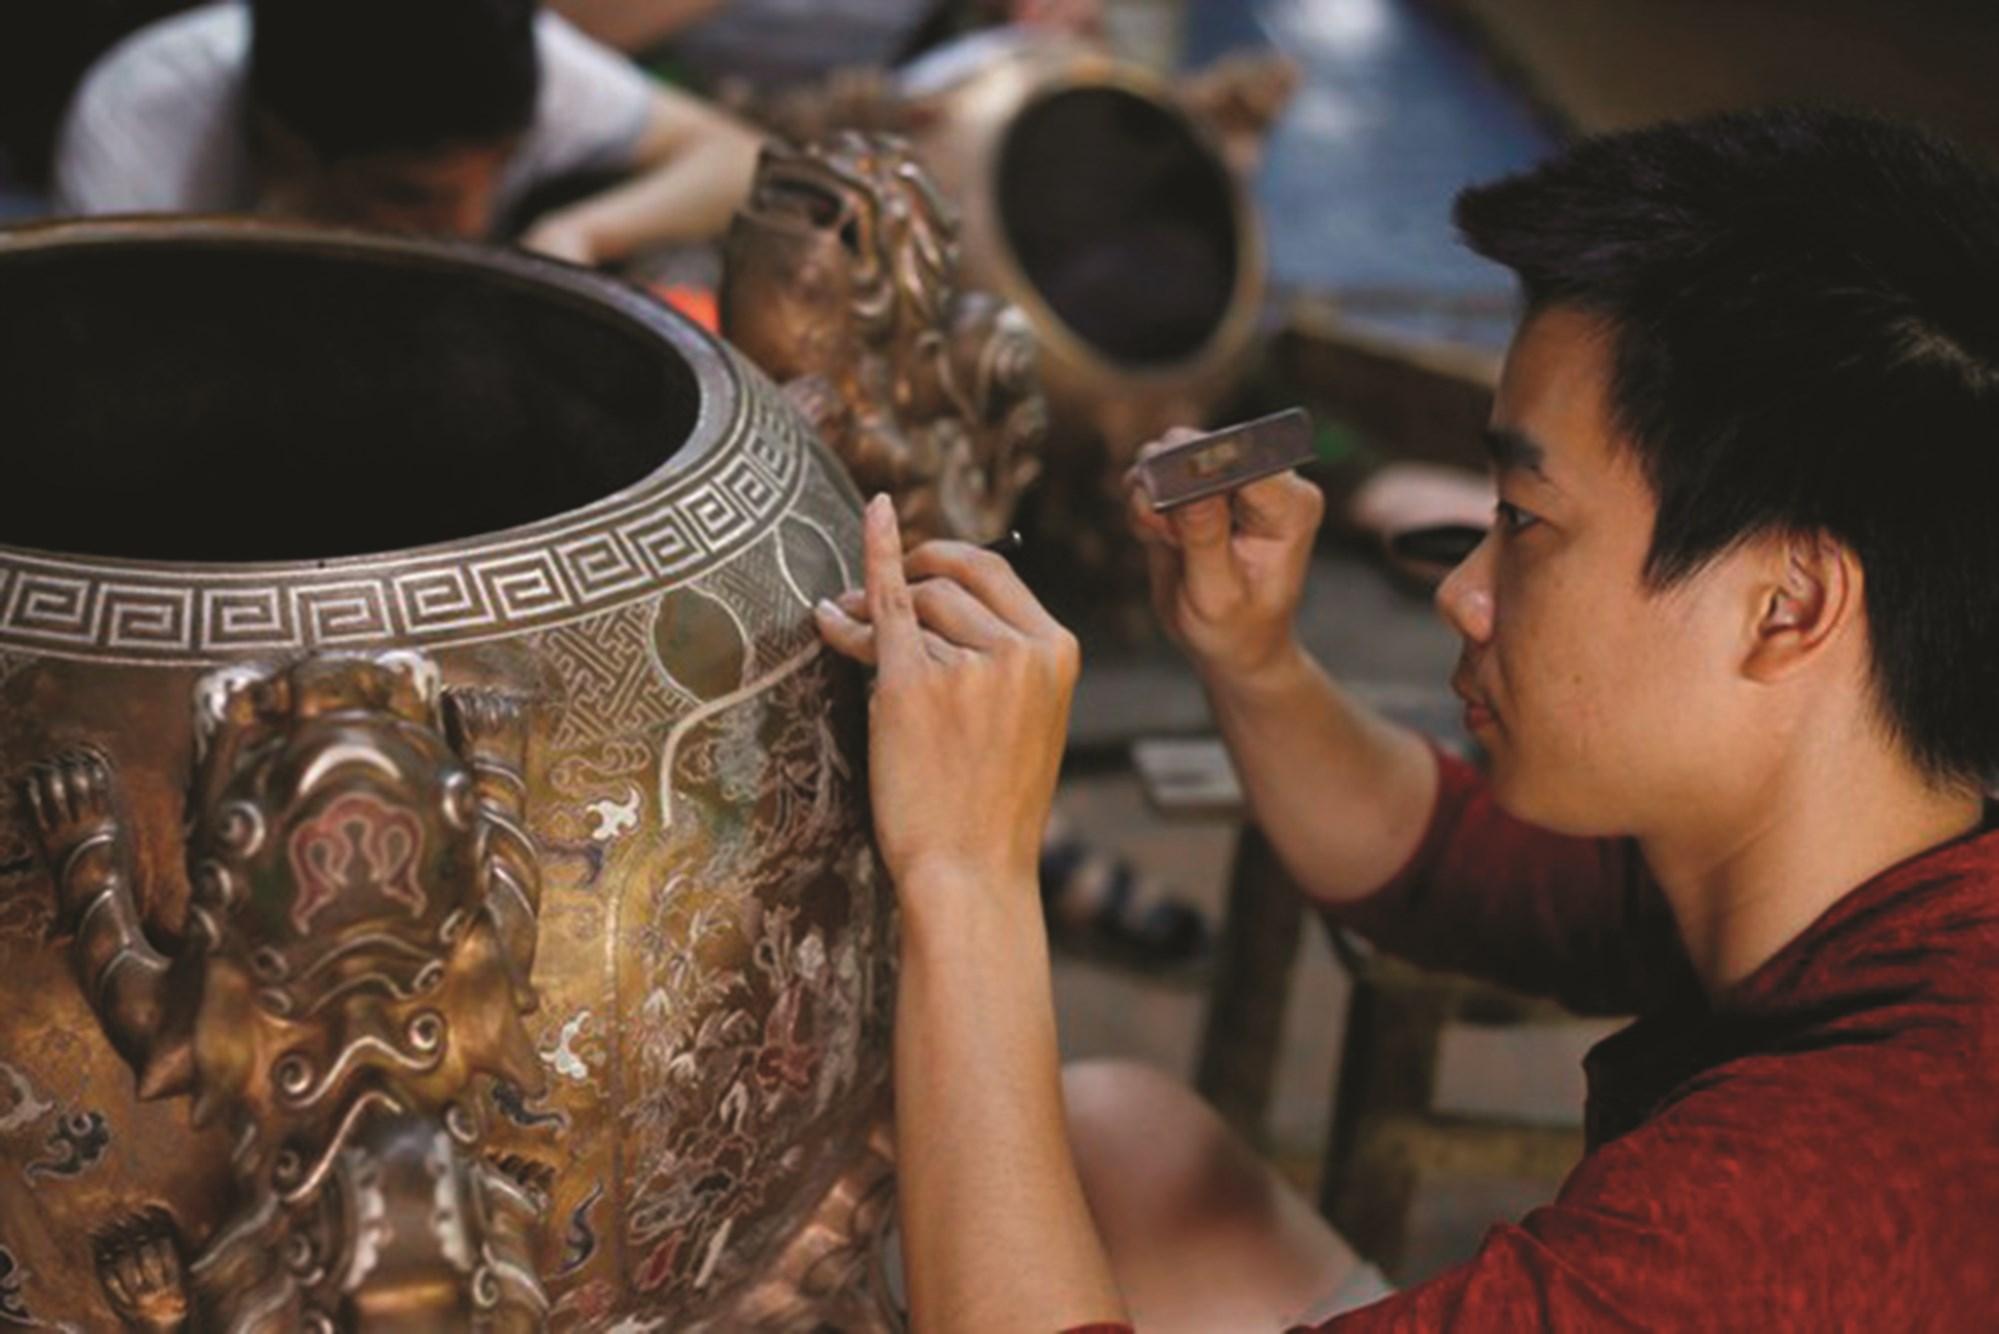 """Để có được những sản phẩm bằng đồng tinh xảo, đòi hỏi các nghệ nhân, người thợ làng Đại Bái phải có kinh nghiệm lâu năm, khéo léo, tỉ mỉ, tạo nên cái """"hồn"""" riêng cho mỗi sản phẩm"""